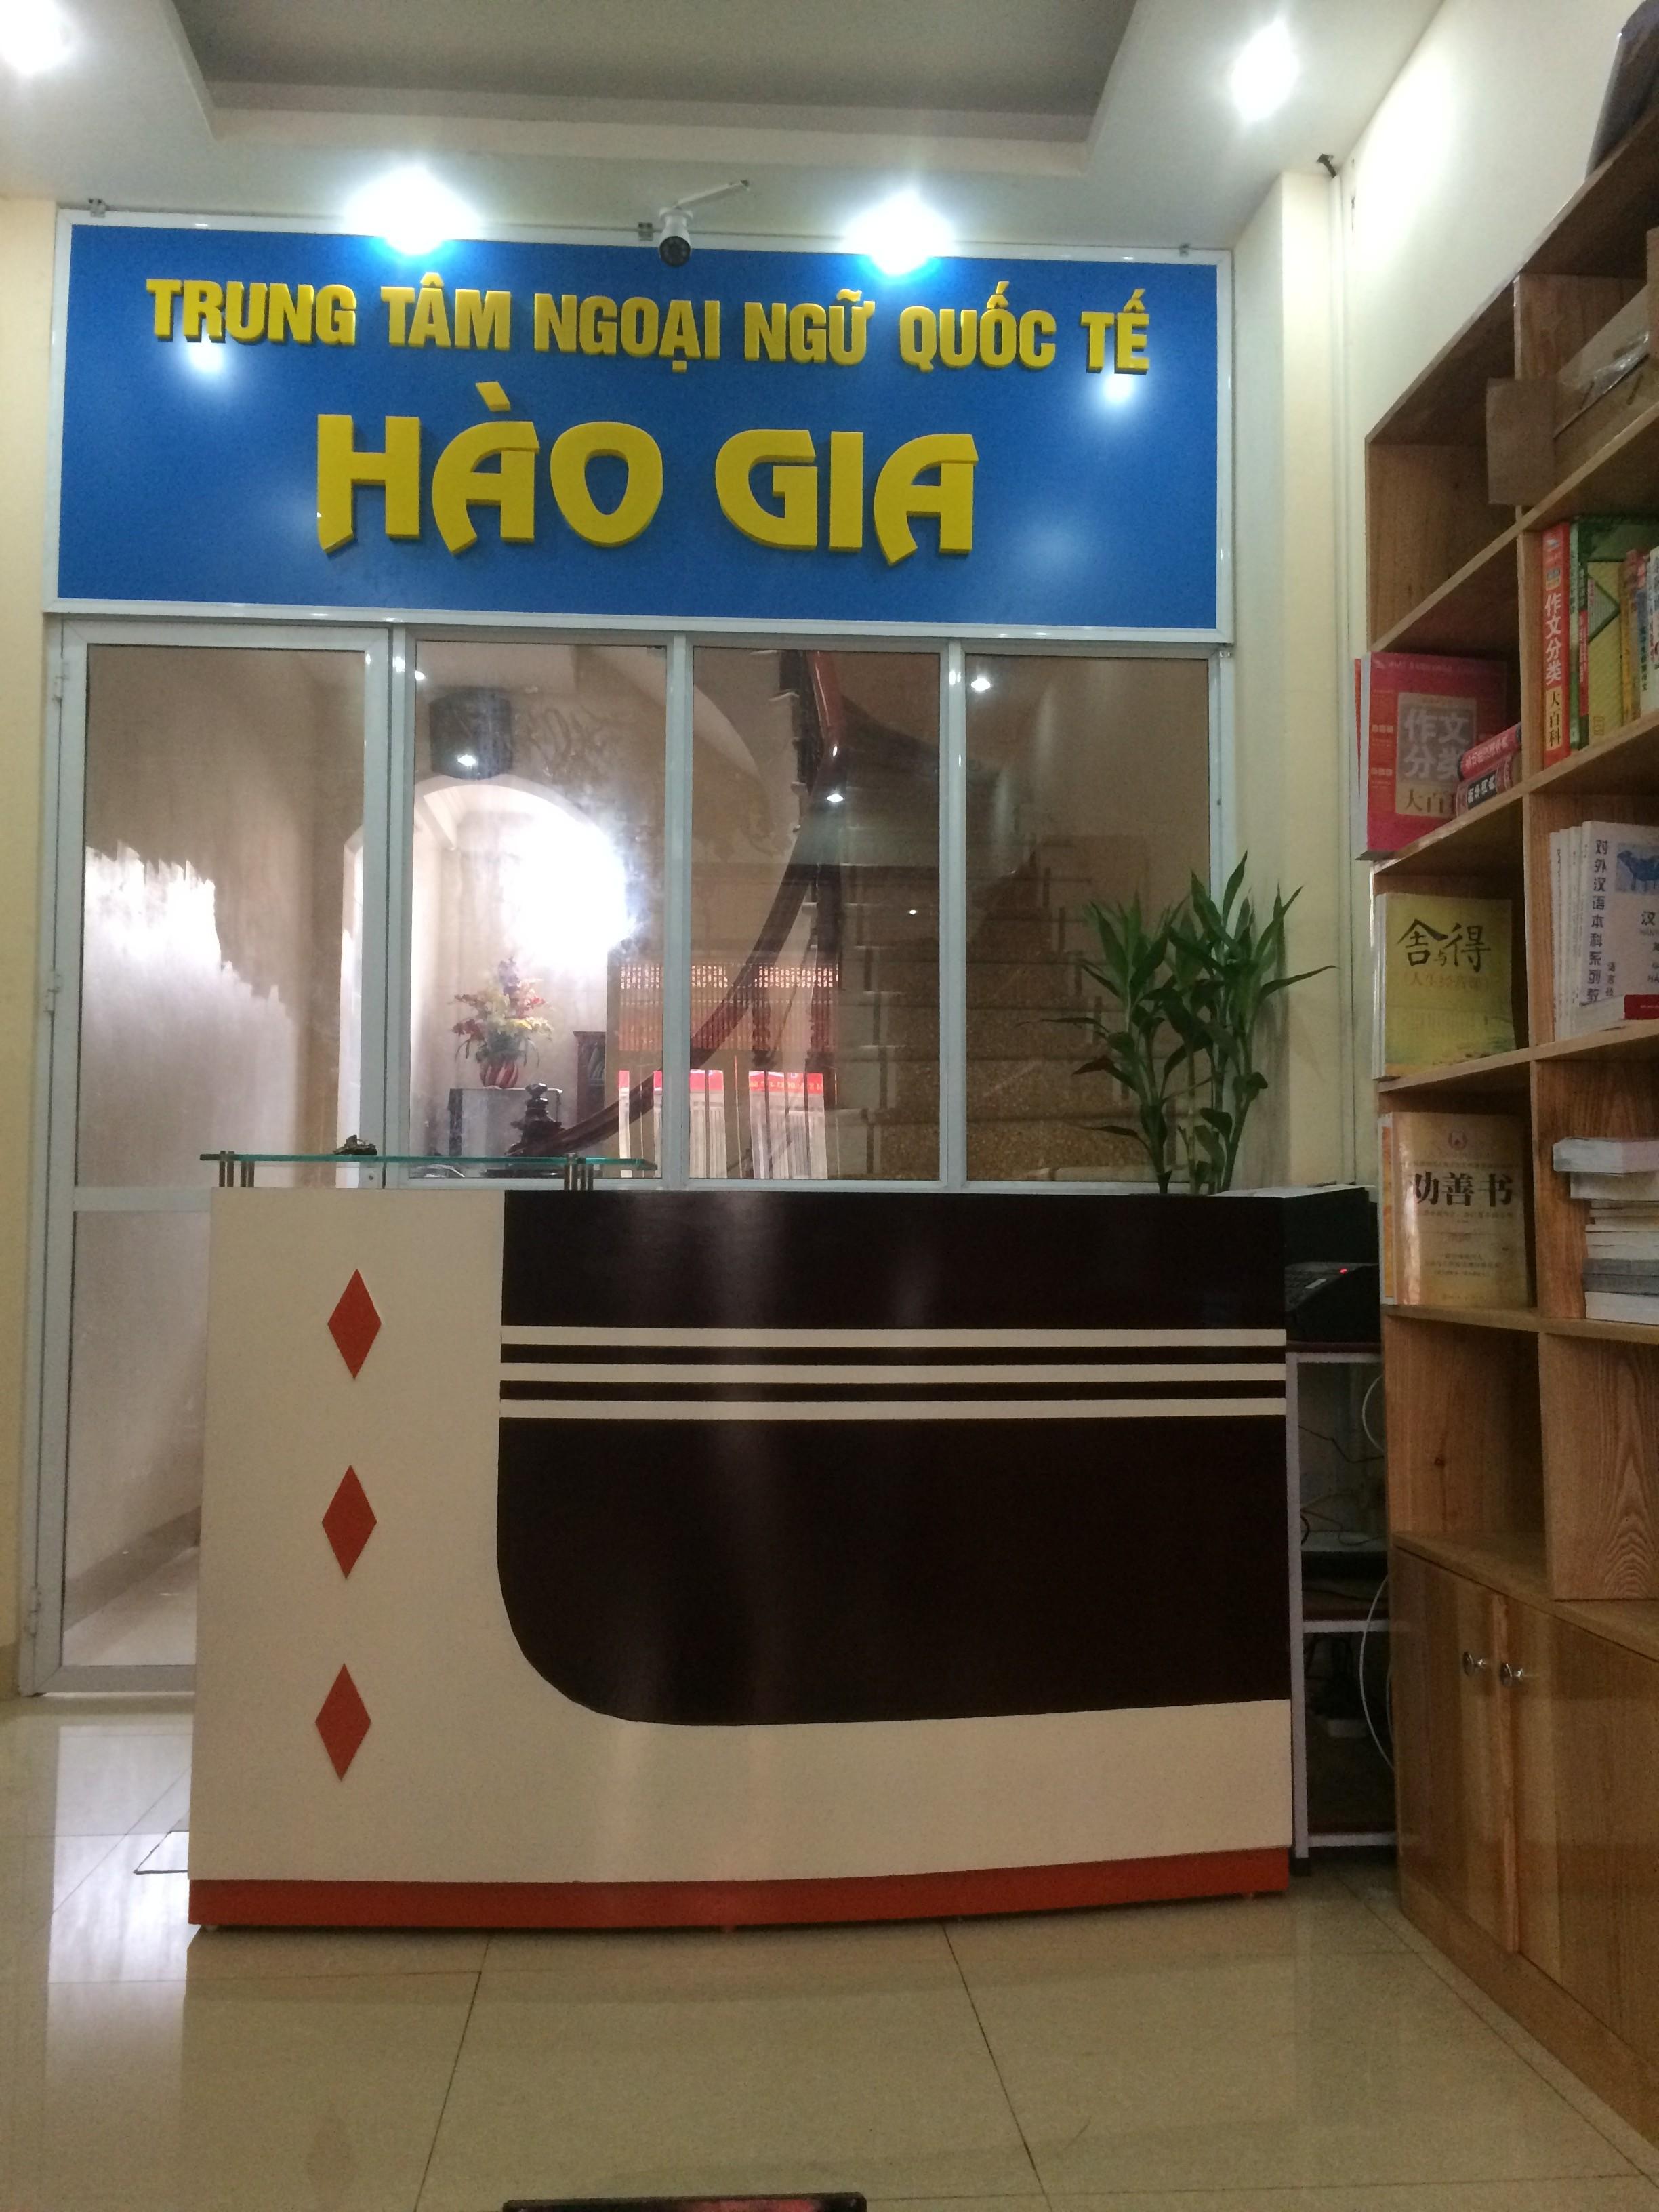 Trung tâm NNQT Hào Gia liên tục khai giảng các lớp Tiếng Trung, Nhật